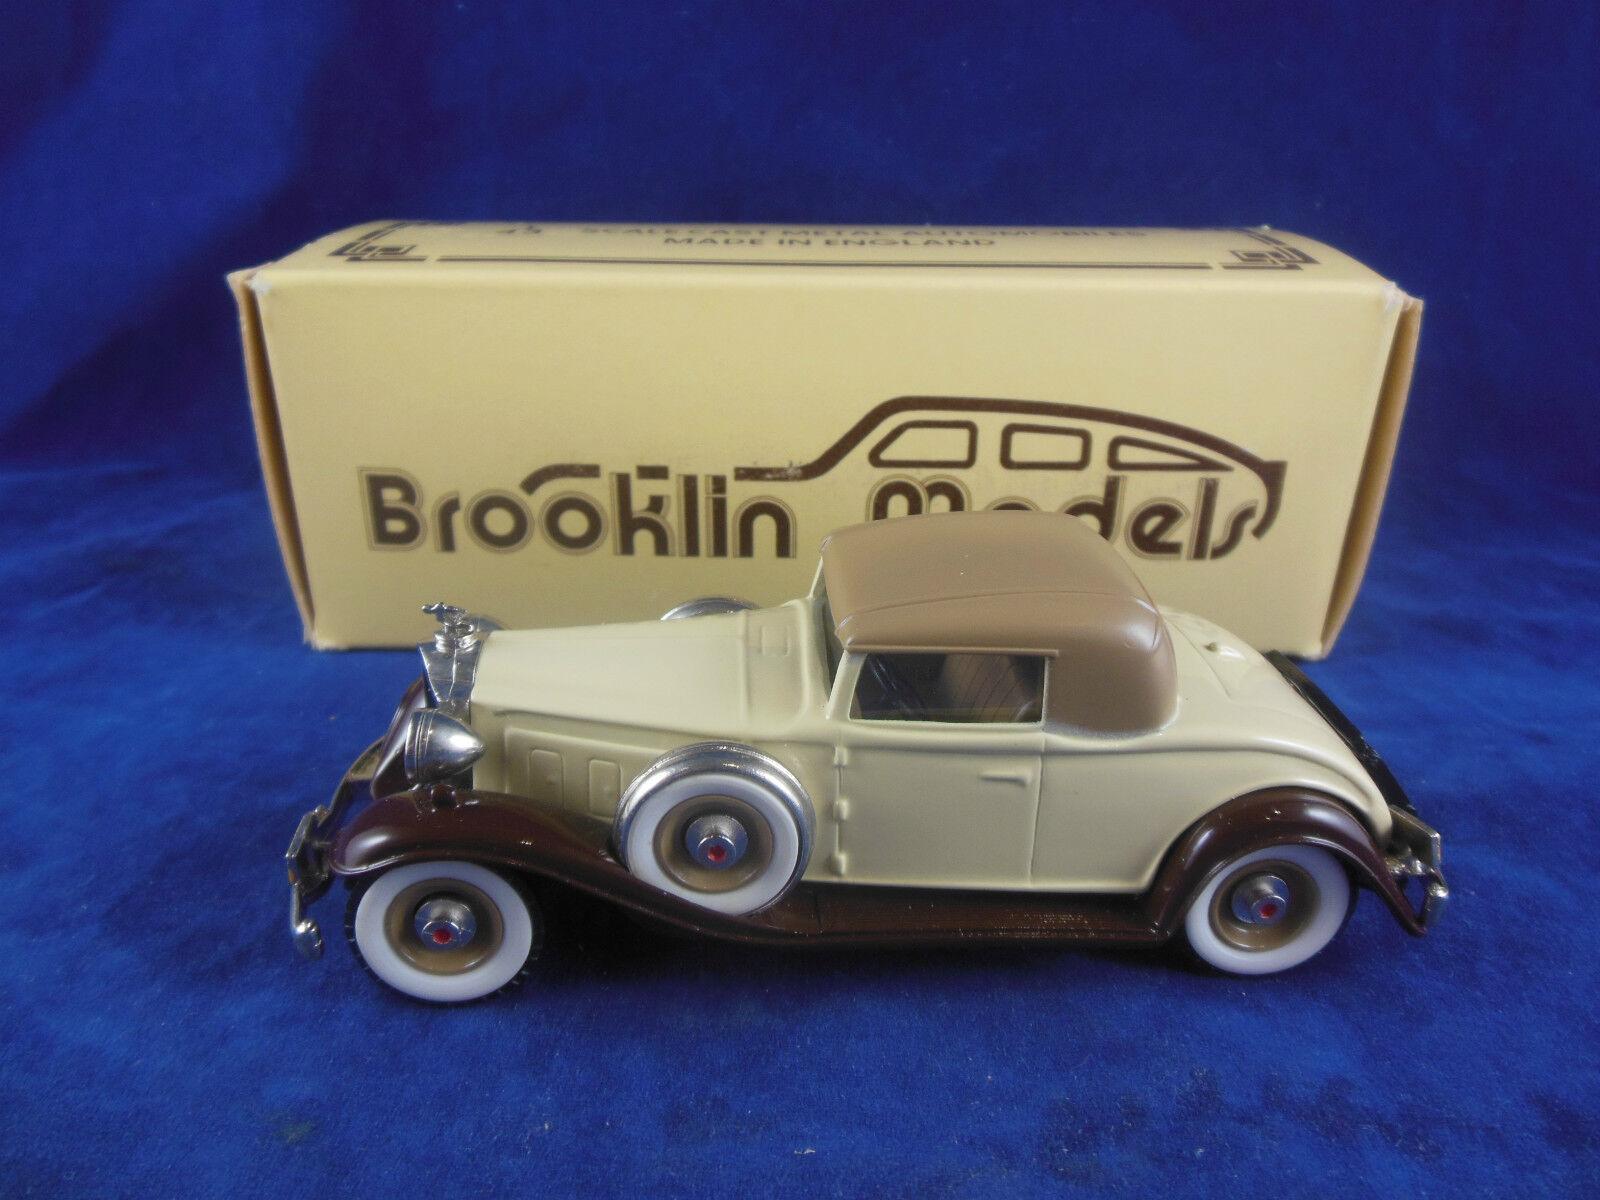 Brooklin modelos BRK6 1932 Packard Luz 8 Coupe en dos tonos de marrón escala 1 43